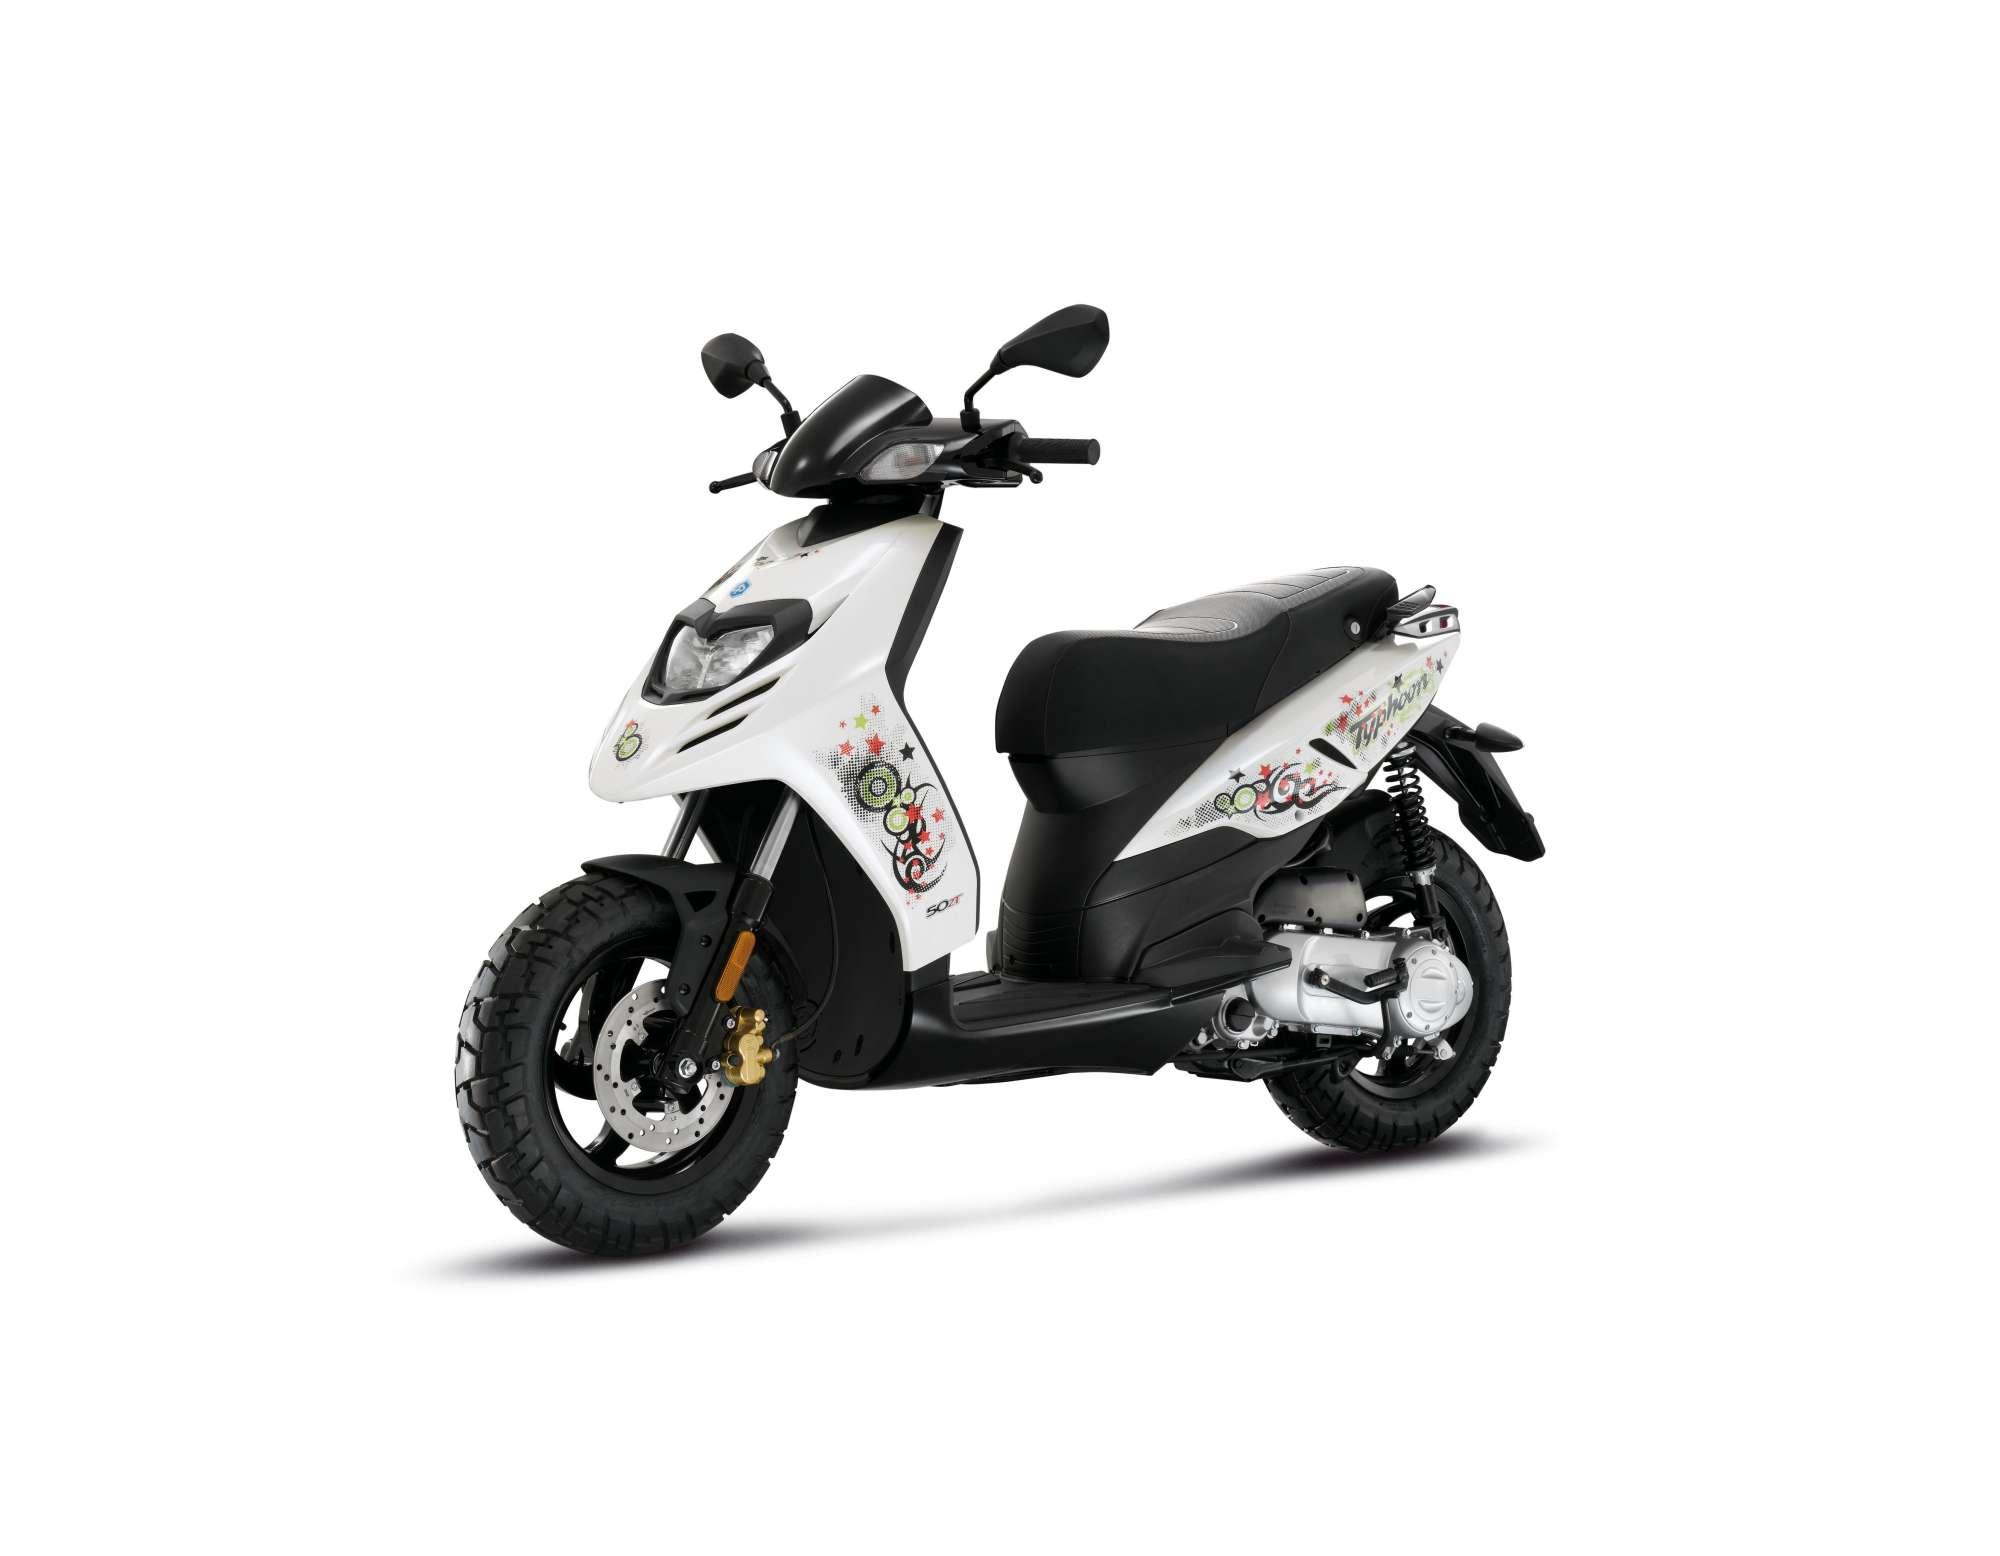 gebrauchte und neue piaggio typhoon sport 125 motorr der kaufen. Black Bedroom Furniture Sets. Home Design Ideas